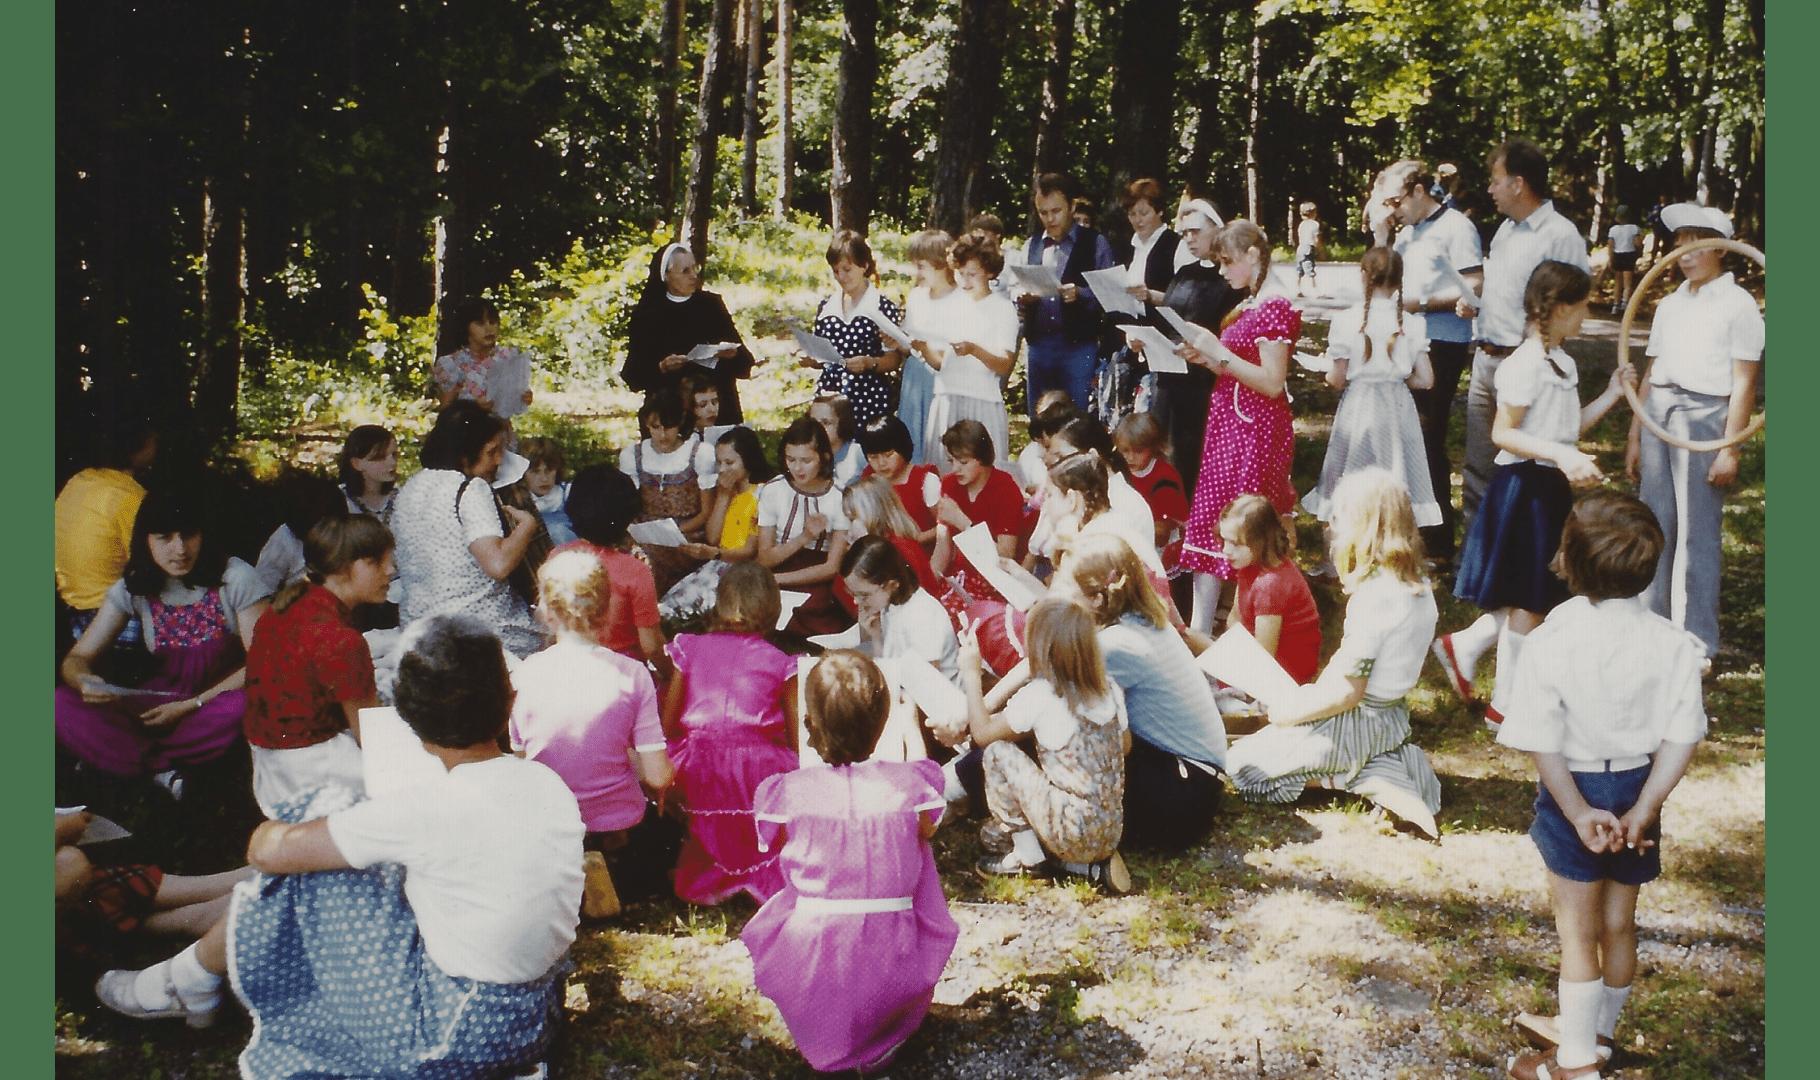 Ausflug zum Ende des Schuljahres 1982. Foto: Archiv Arme Schulschwestern